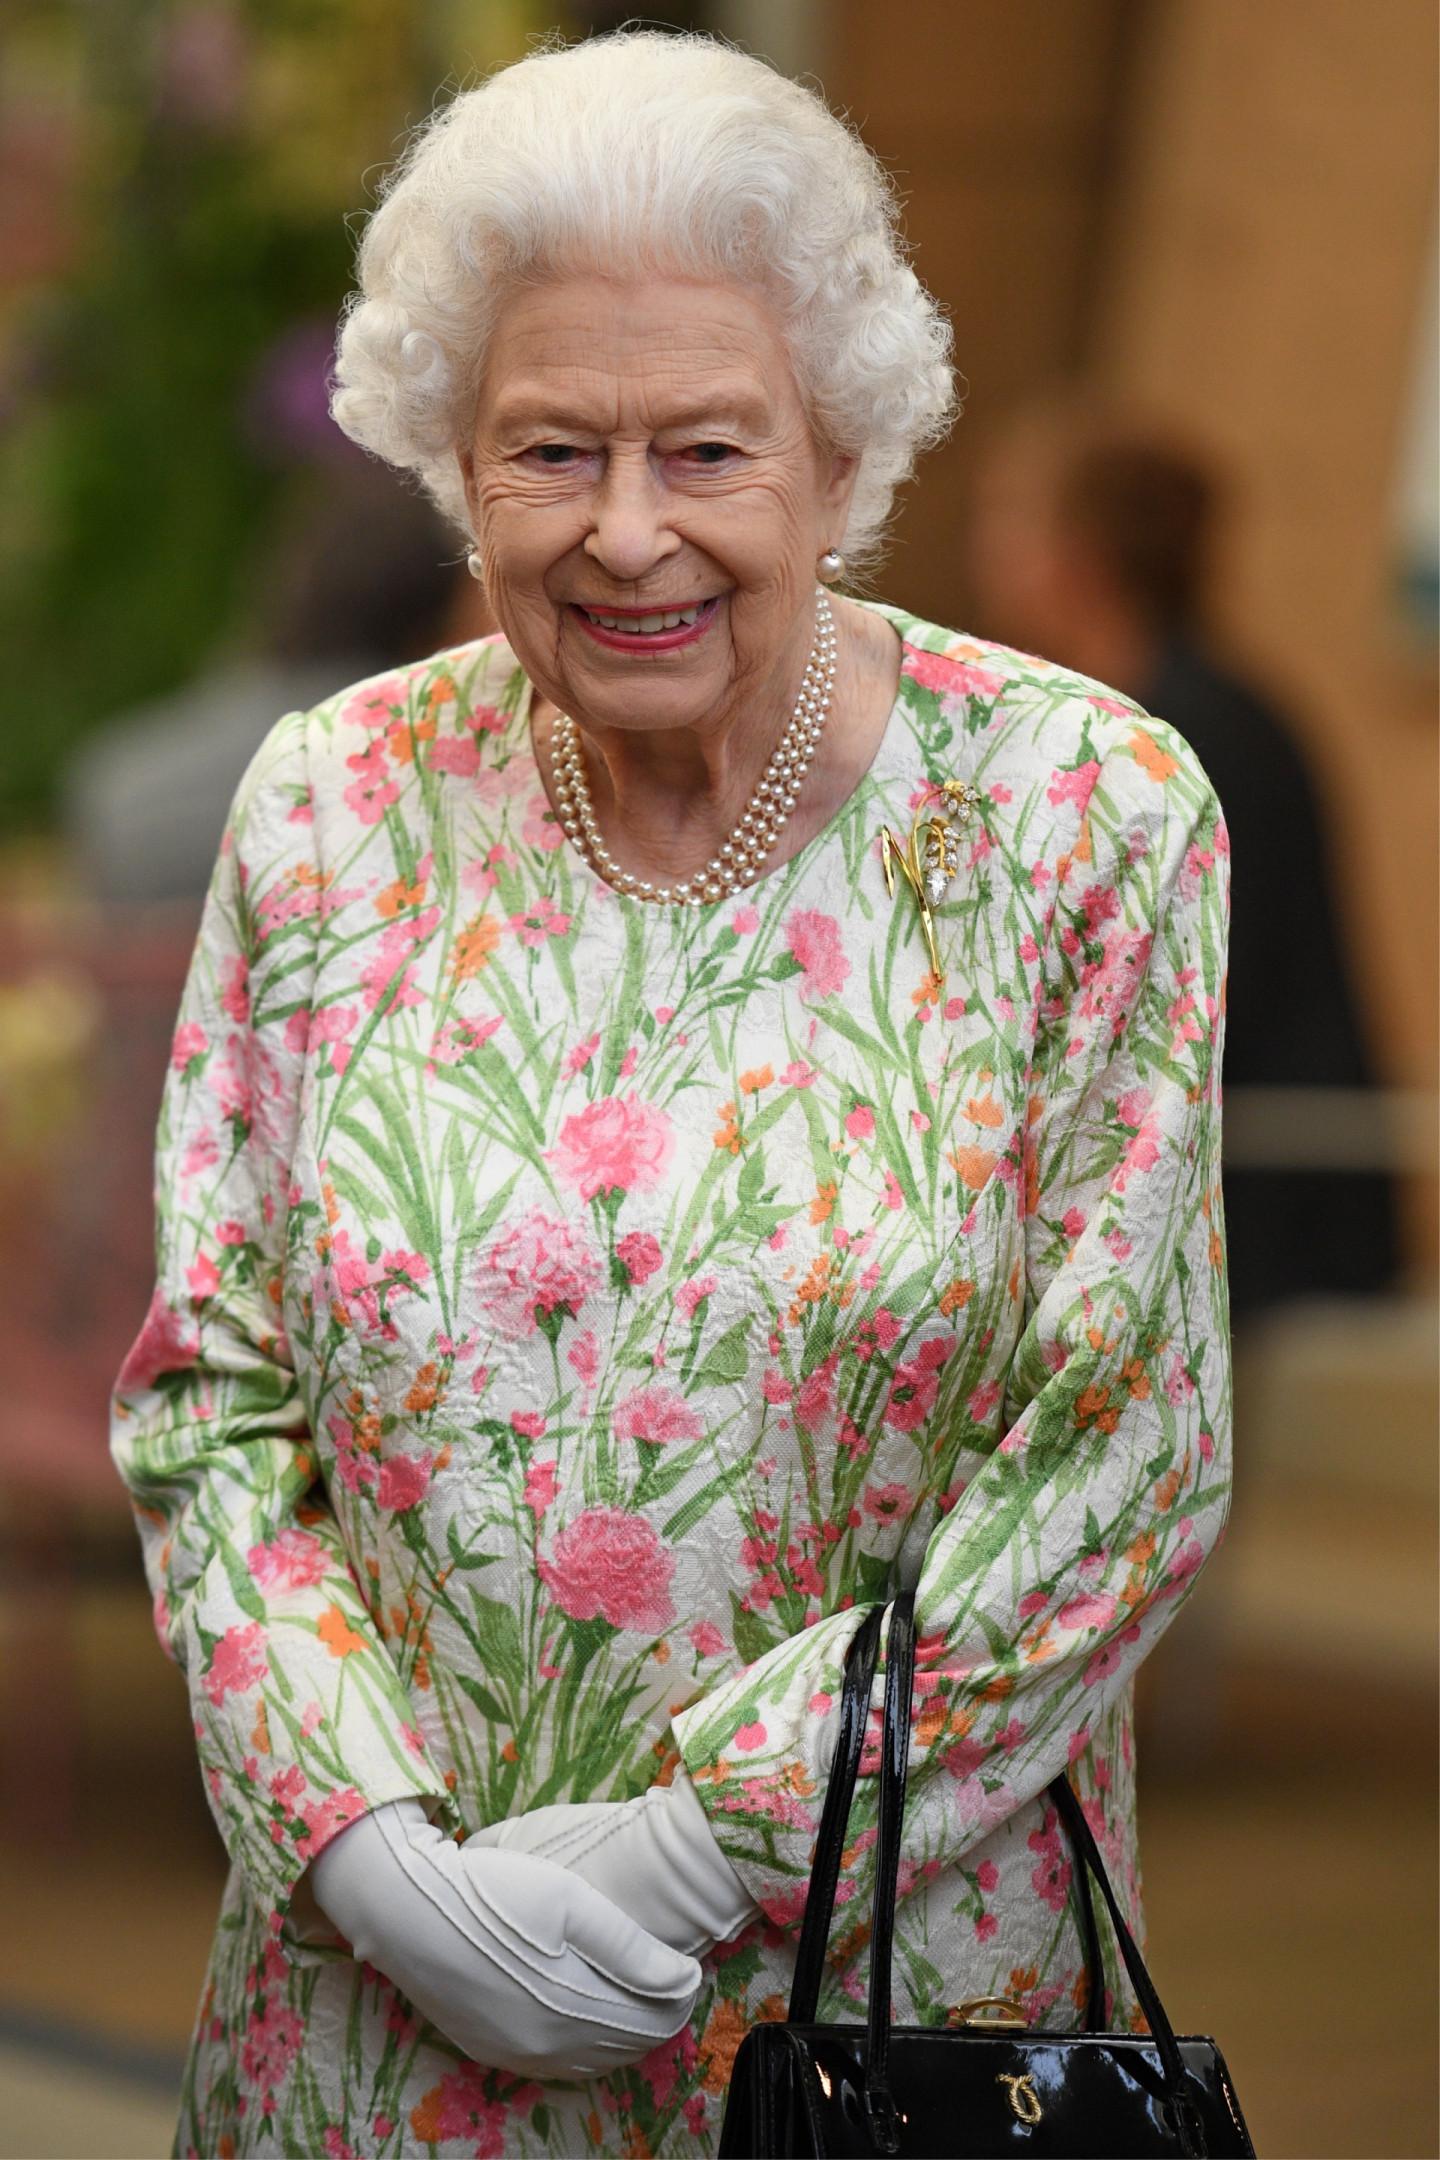 Елизавета II с сумкой Launer на приеме в ботаническом саду Корнуолла в рамках саммита G7, 11 июня